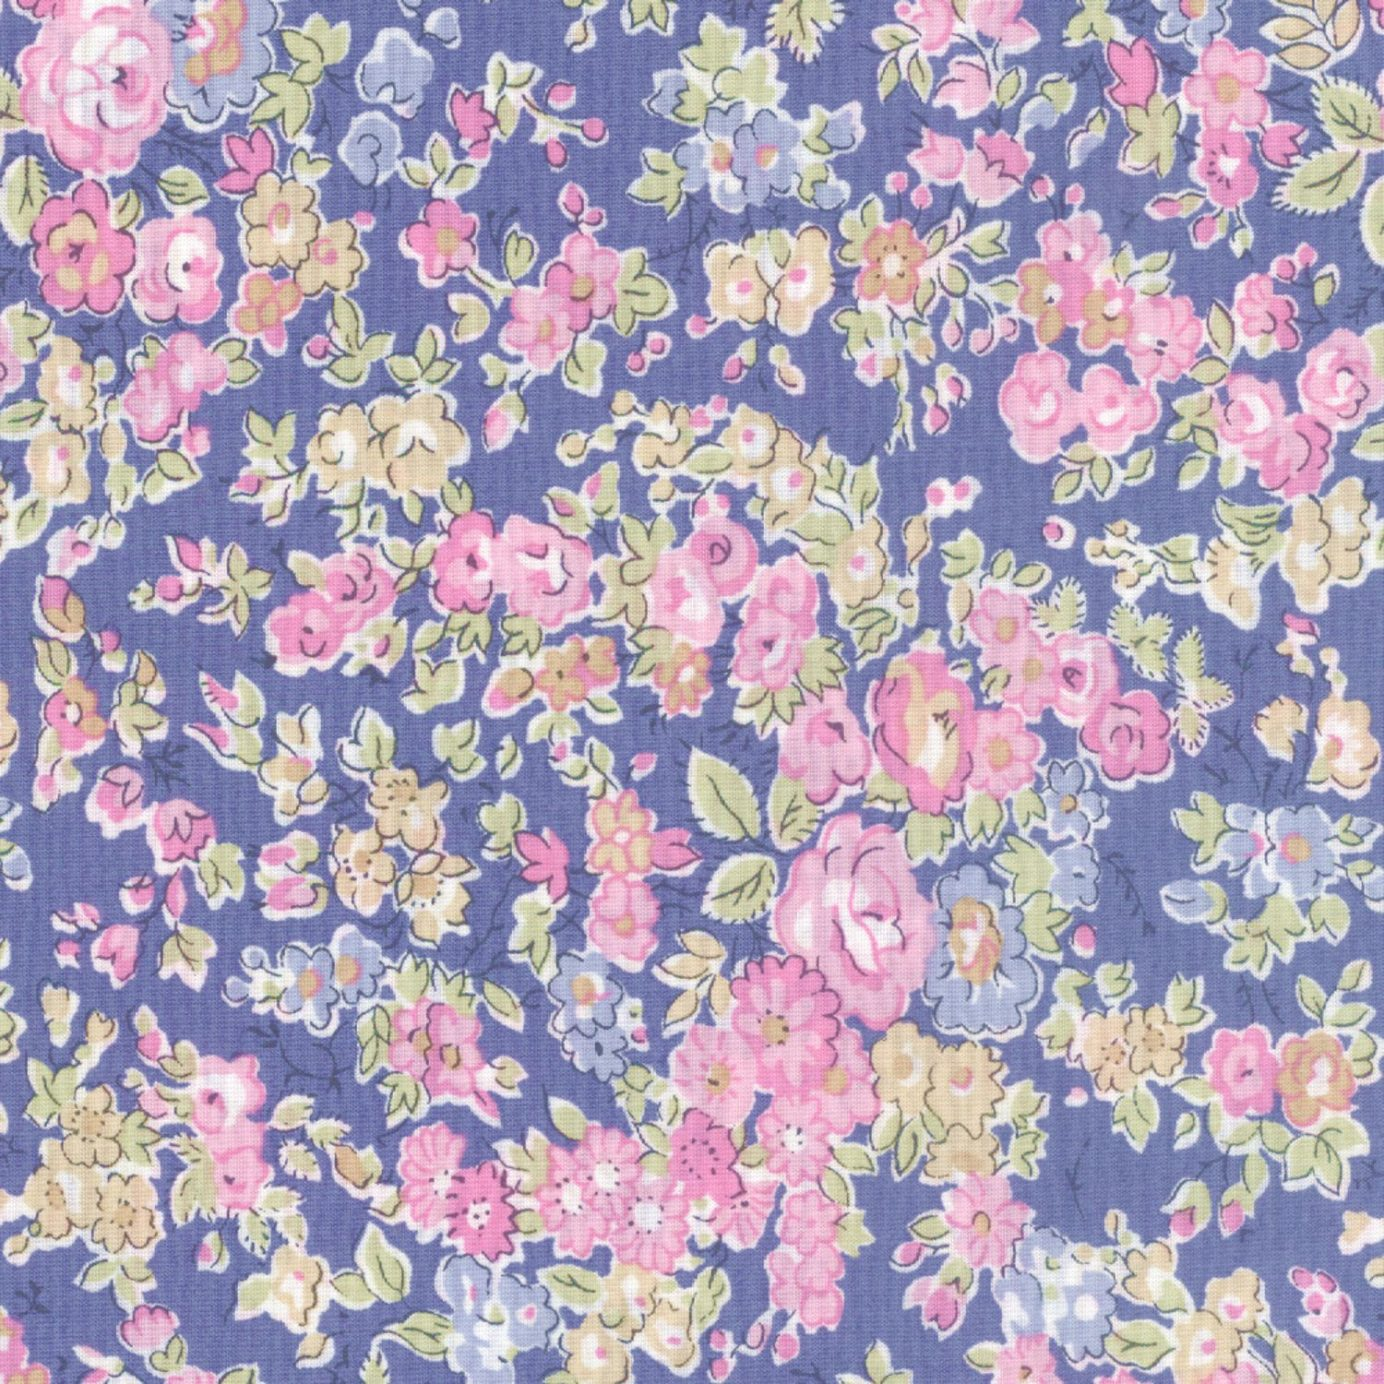 liberty-tana-lawn-fabric-tatum-k